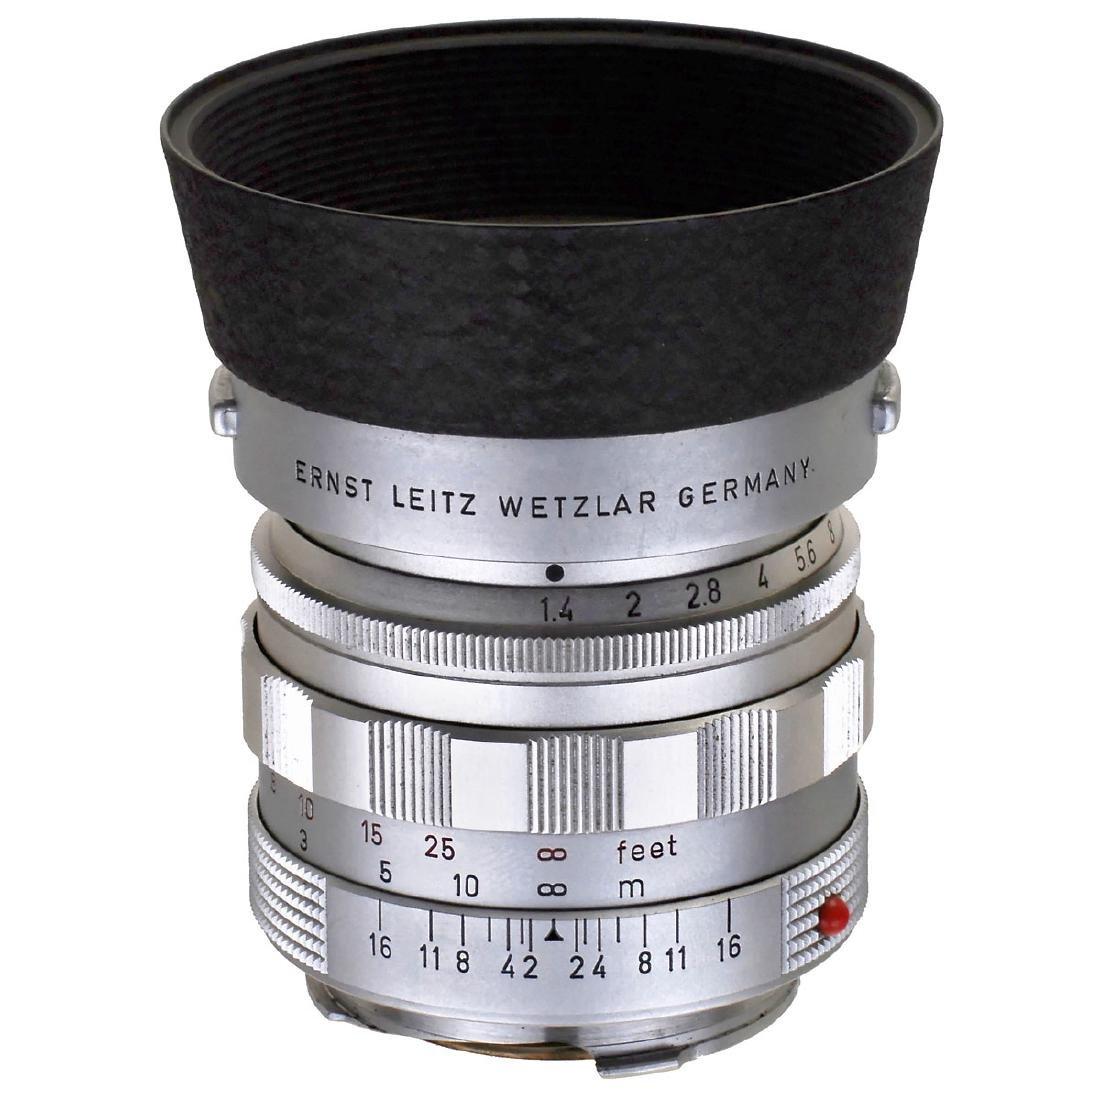 Summilux 1,4/50 mm, 1964